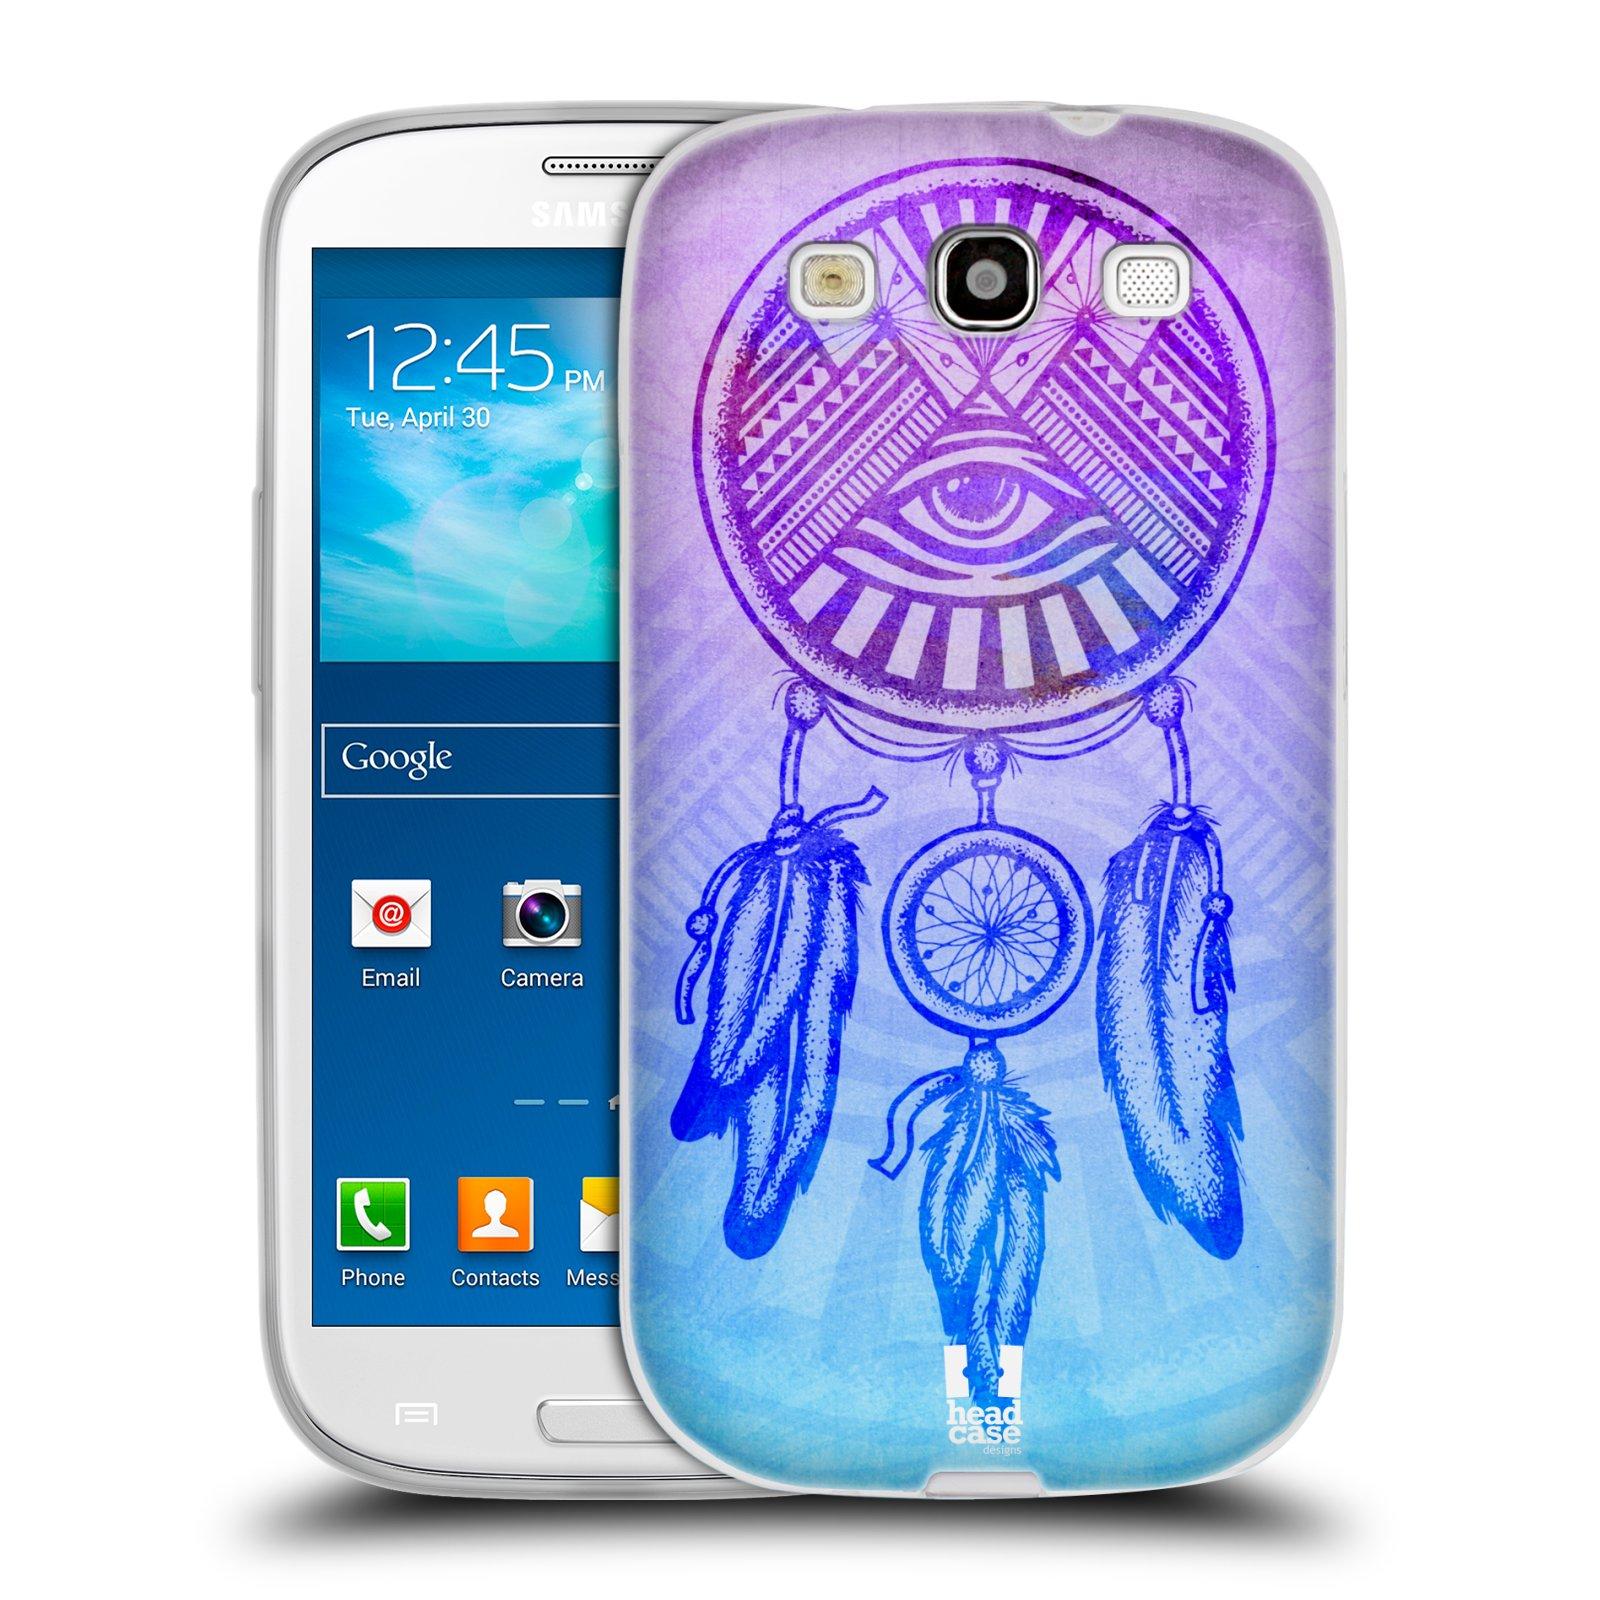 Silikonové pouzdro na mobil Samsung Galaxy S3 Neo HEAD CASE Lapač s okem (Silikonový kryt či obal na mobilní telefon Samsung Galaxy S3 Neo GT-i9301i)